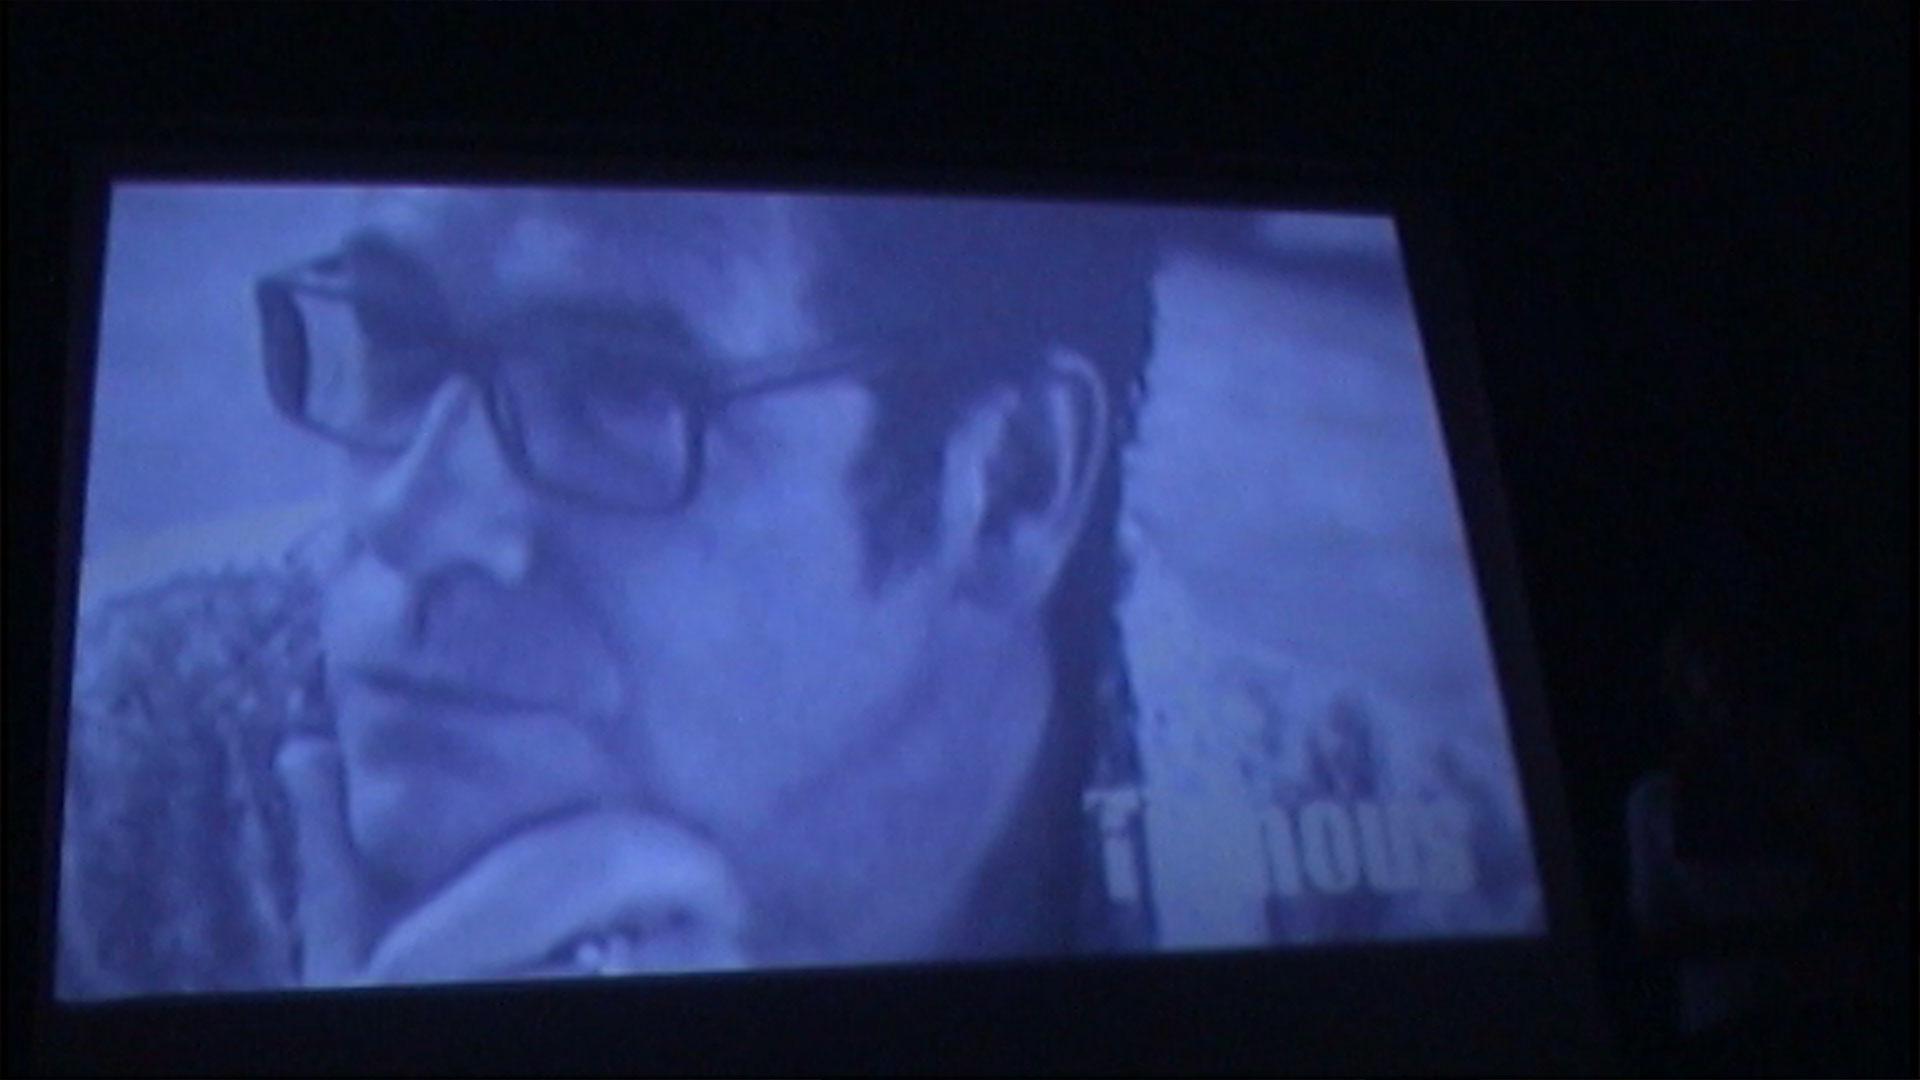 Hommage au dessinateur de presse Tignous assassiné dans les locaux du journal Charlie Hebdo le 7 janvier 2015 à Paris